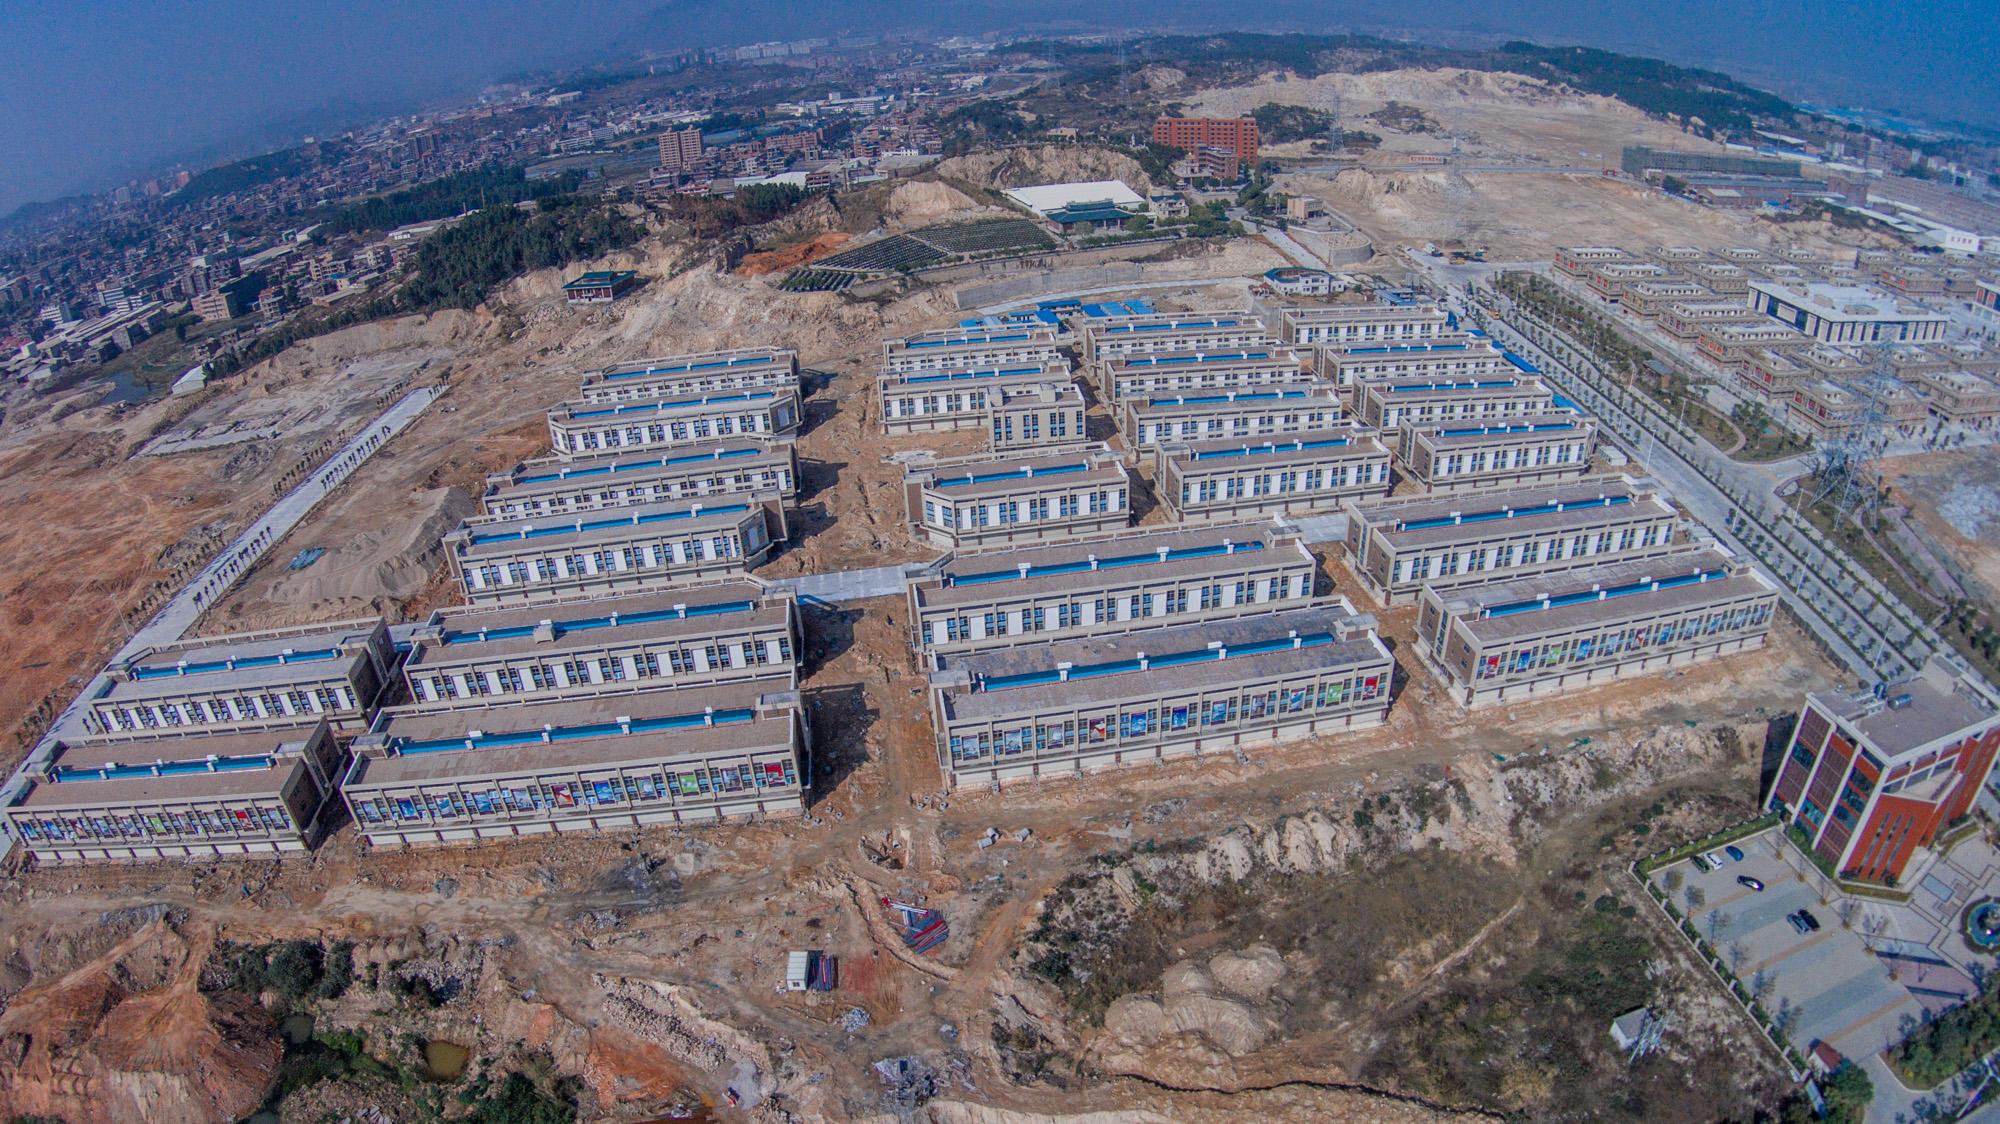 晋江磁灶家居建材城和五金机电城(航拍图)